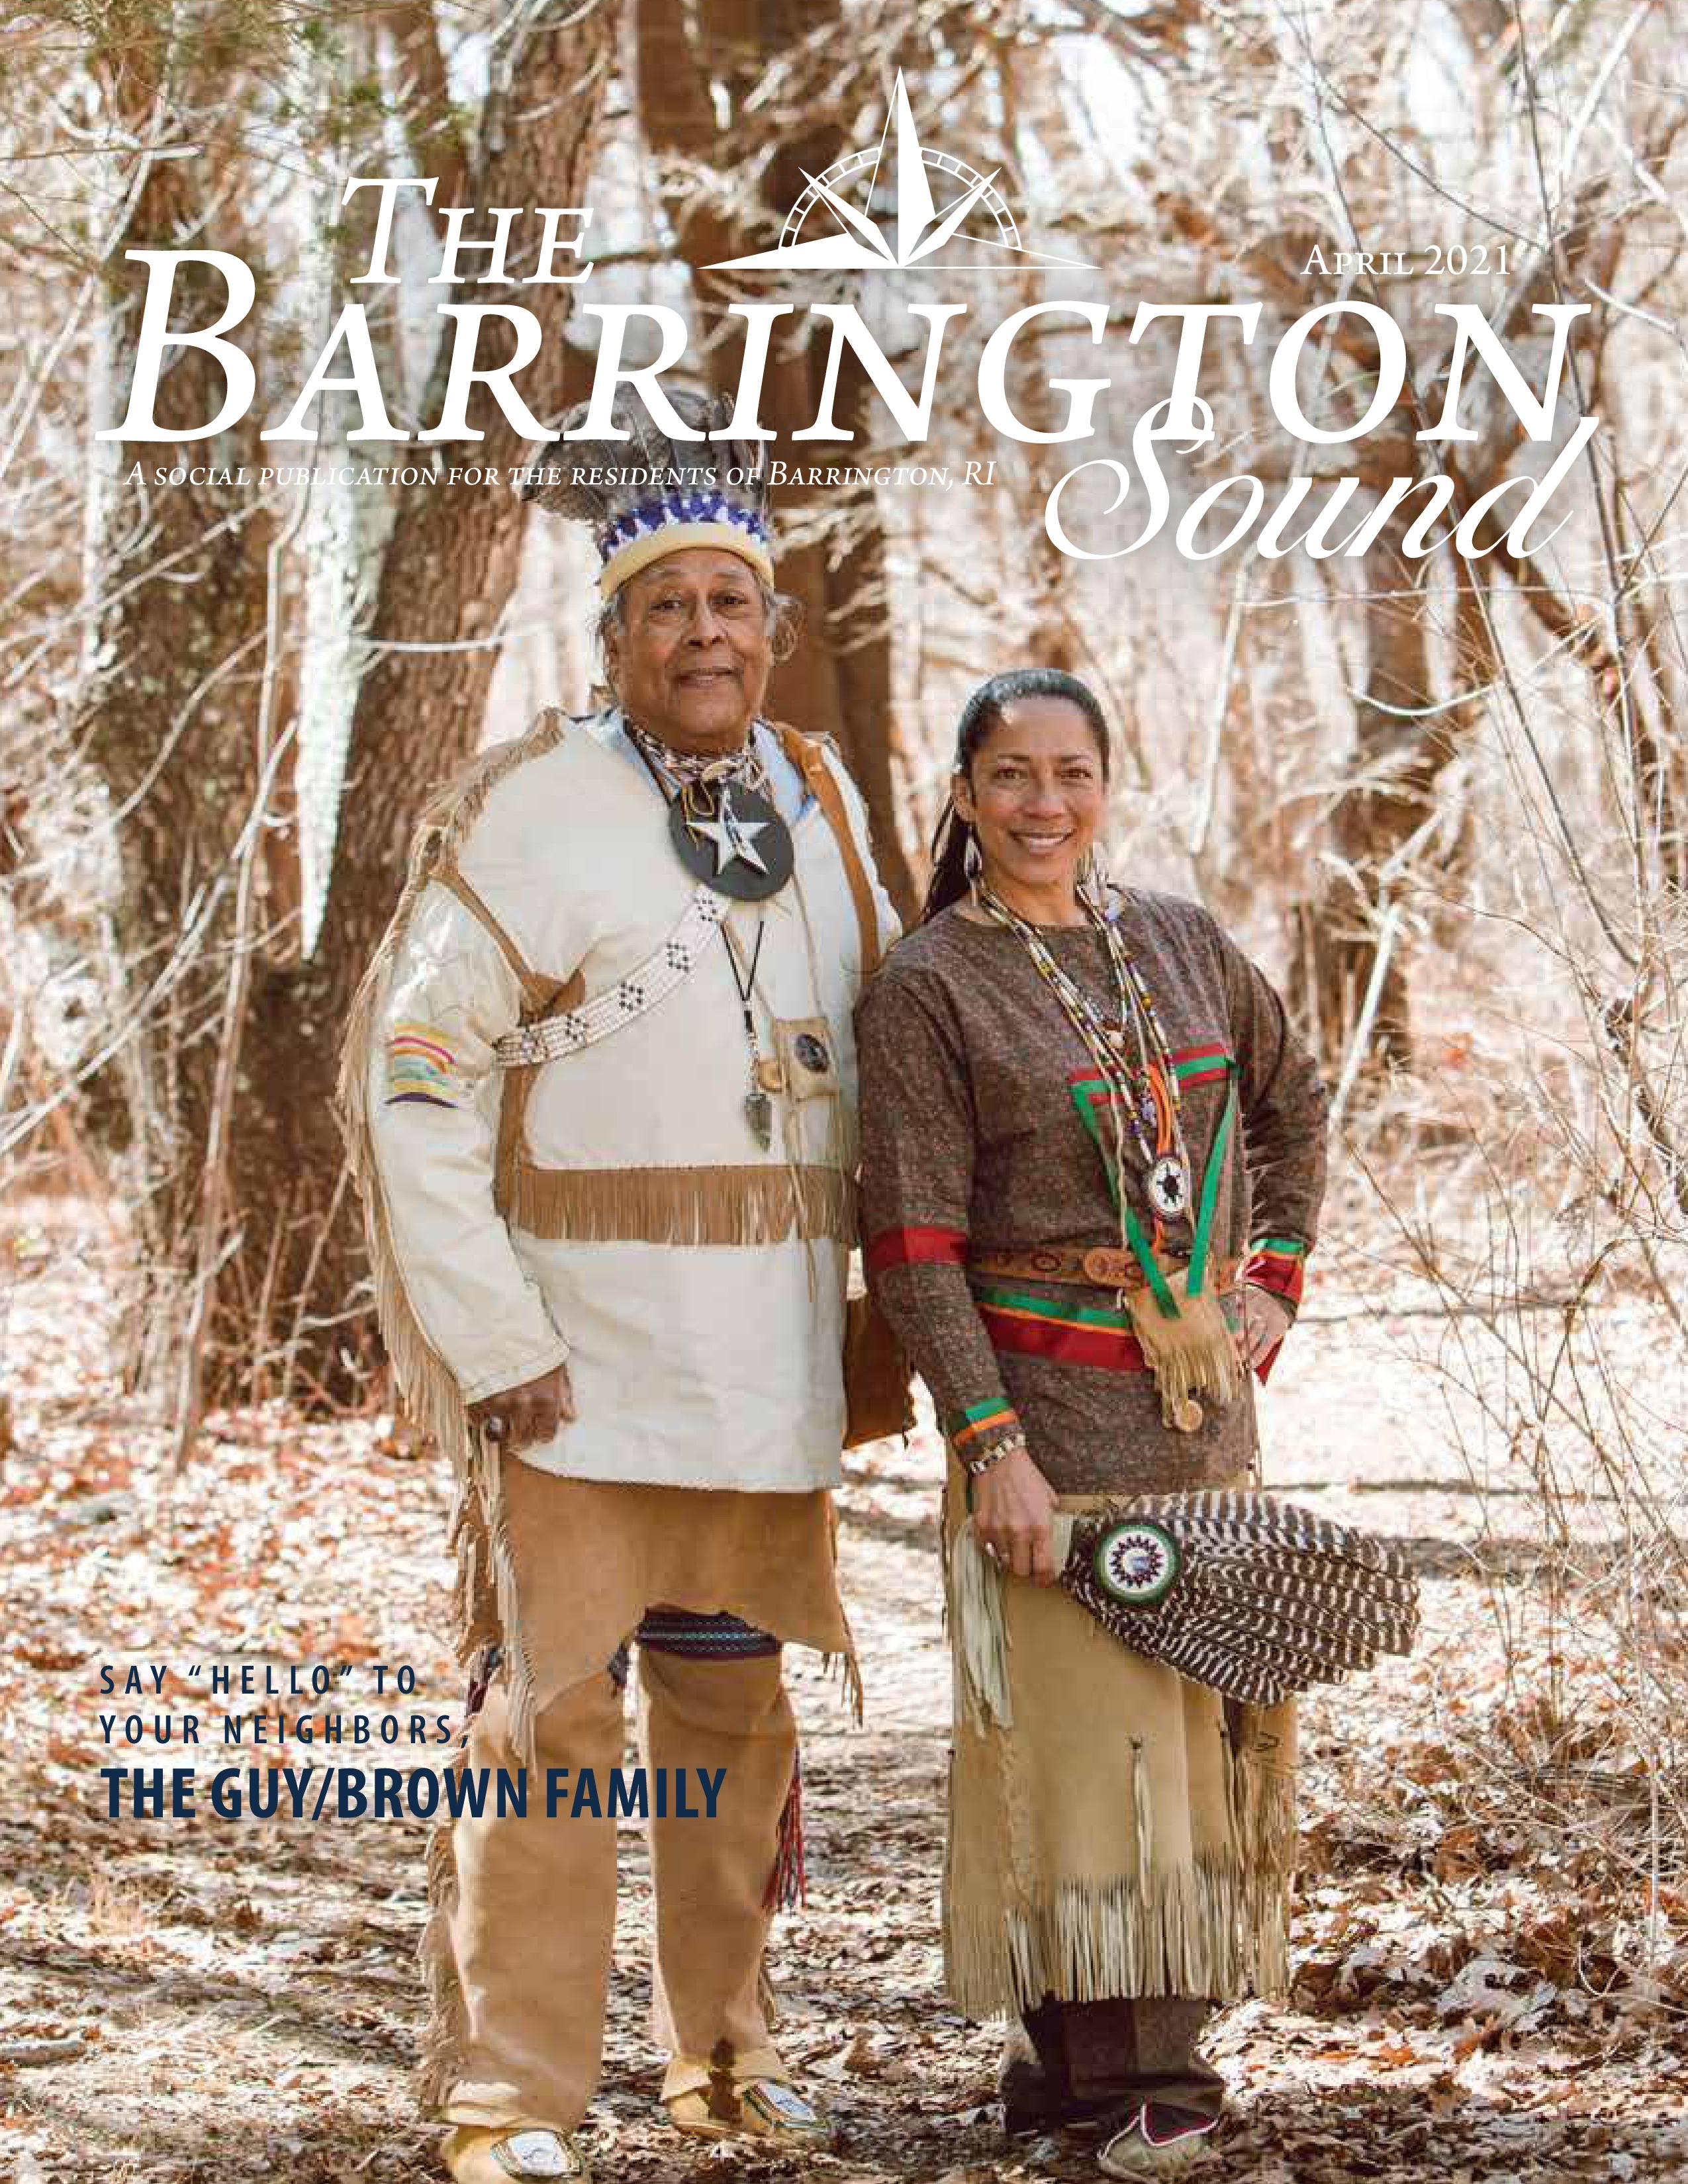 The Barrington Sound 2021-04-01